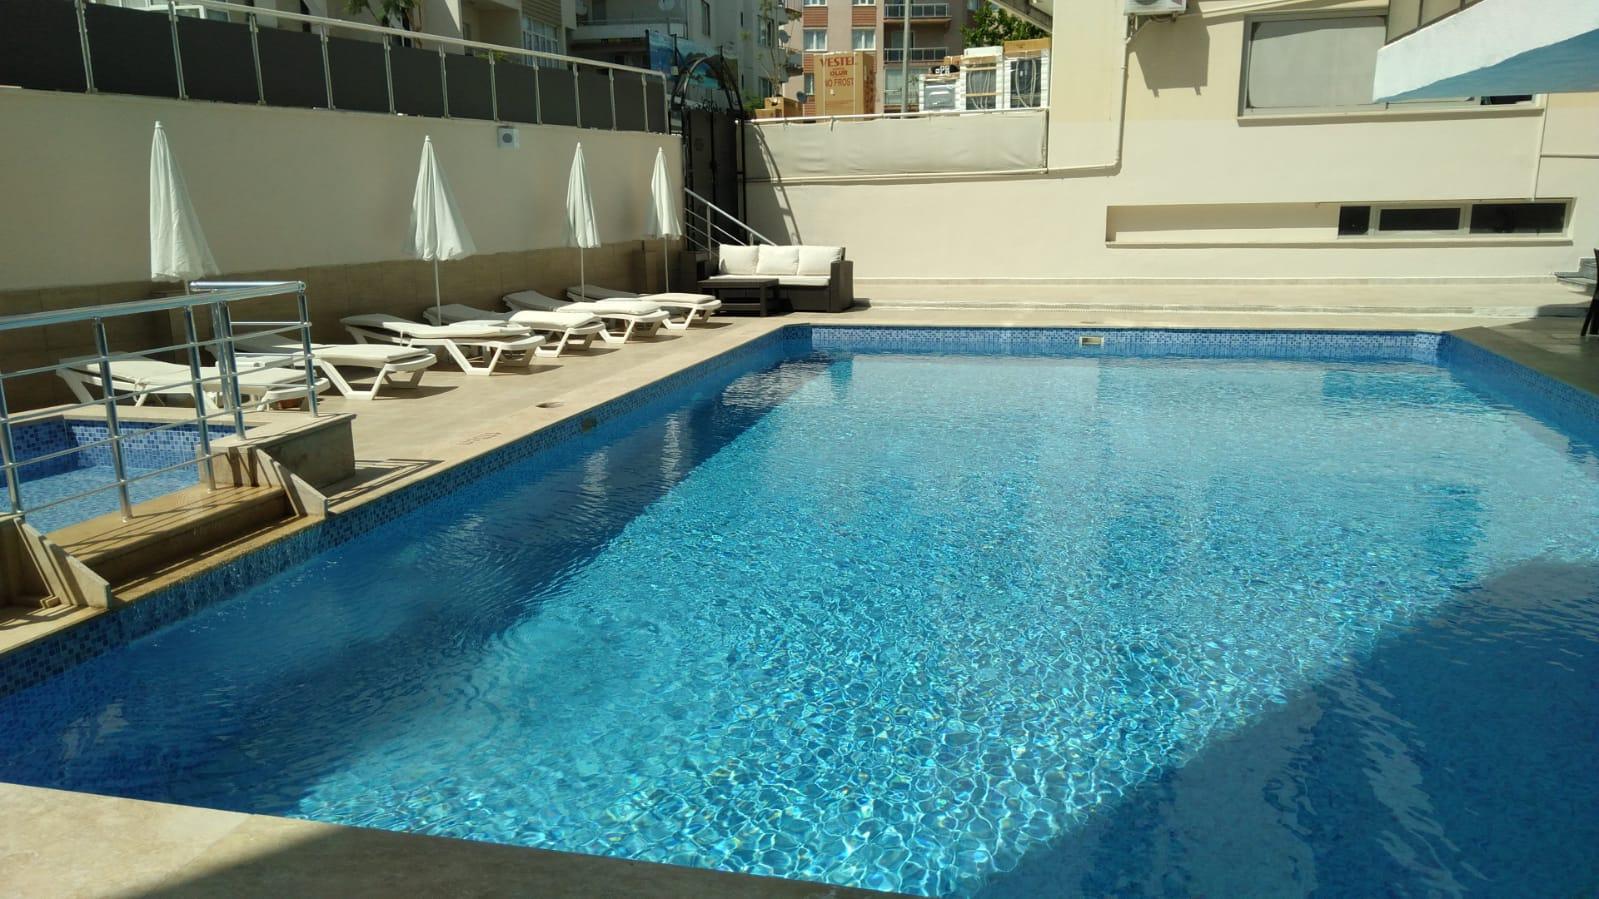 Letovanje Turska  autobusom, Kusadasi, Hotel Roxx Royal ex Santur, bazen sa postavljenim ležaljkama